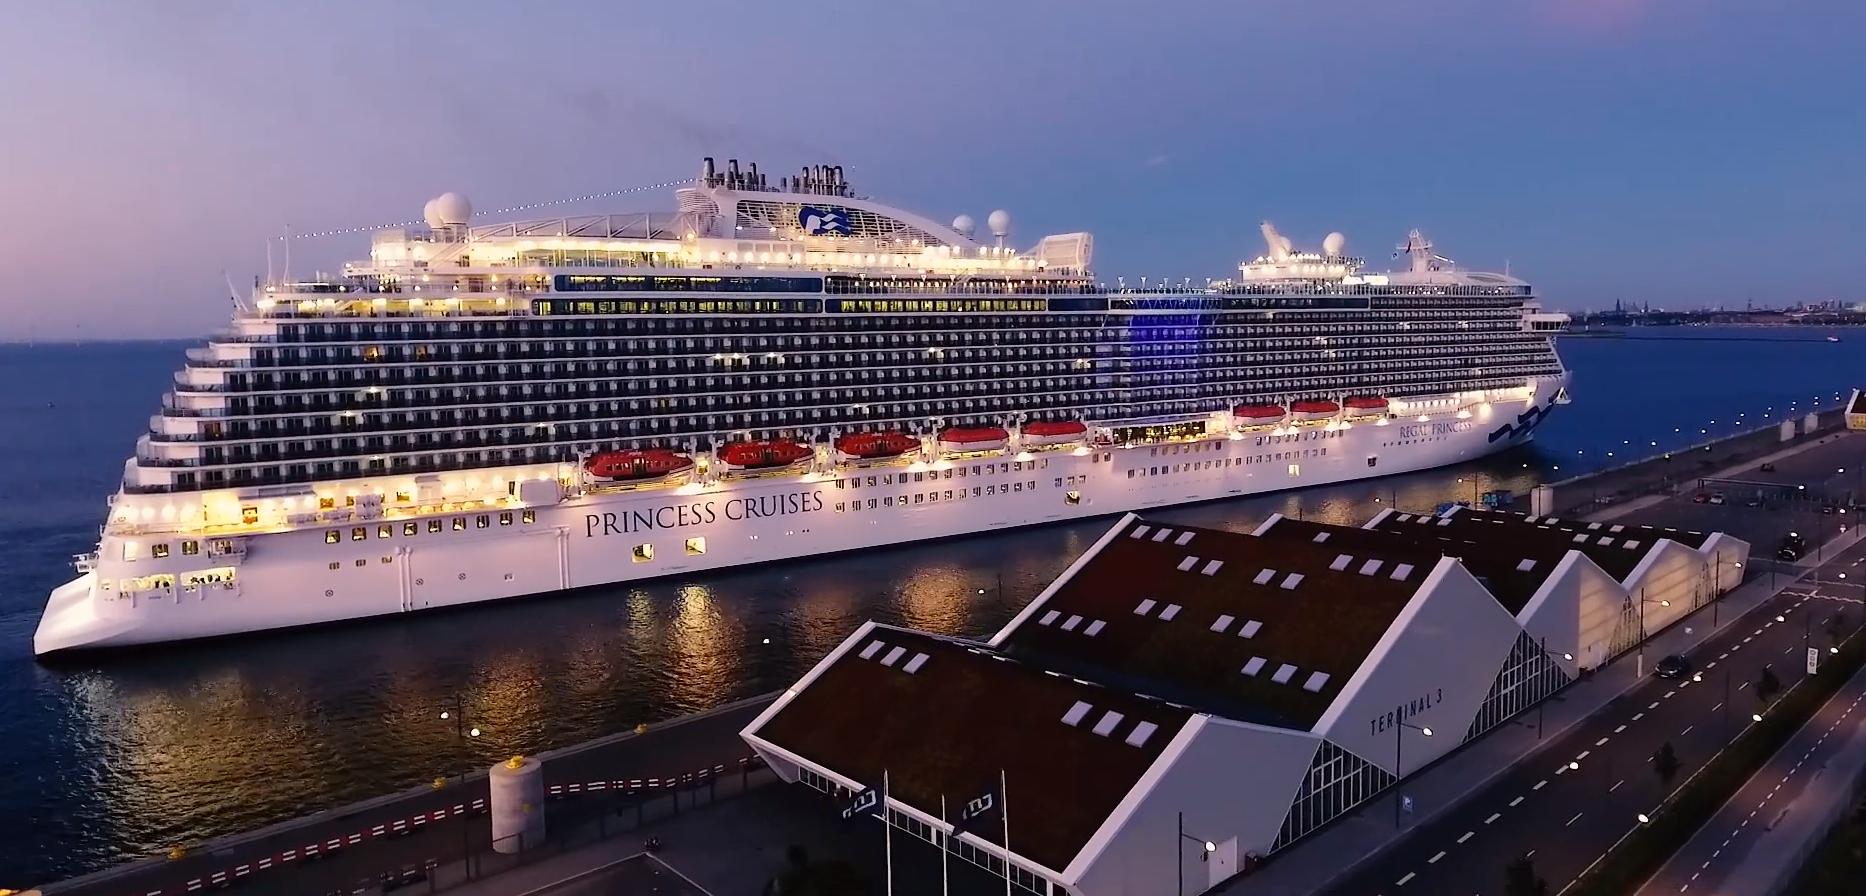 Et krydstogtskib fra det amerikanske rederi Princess Cruises i Københavns Havn – rederiet ejes af Carnival, verdens største udbyder af krydstogtrejser. Foto: CruiseCopenhagen.